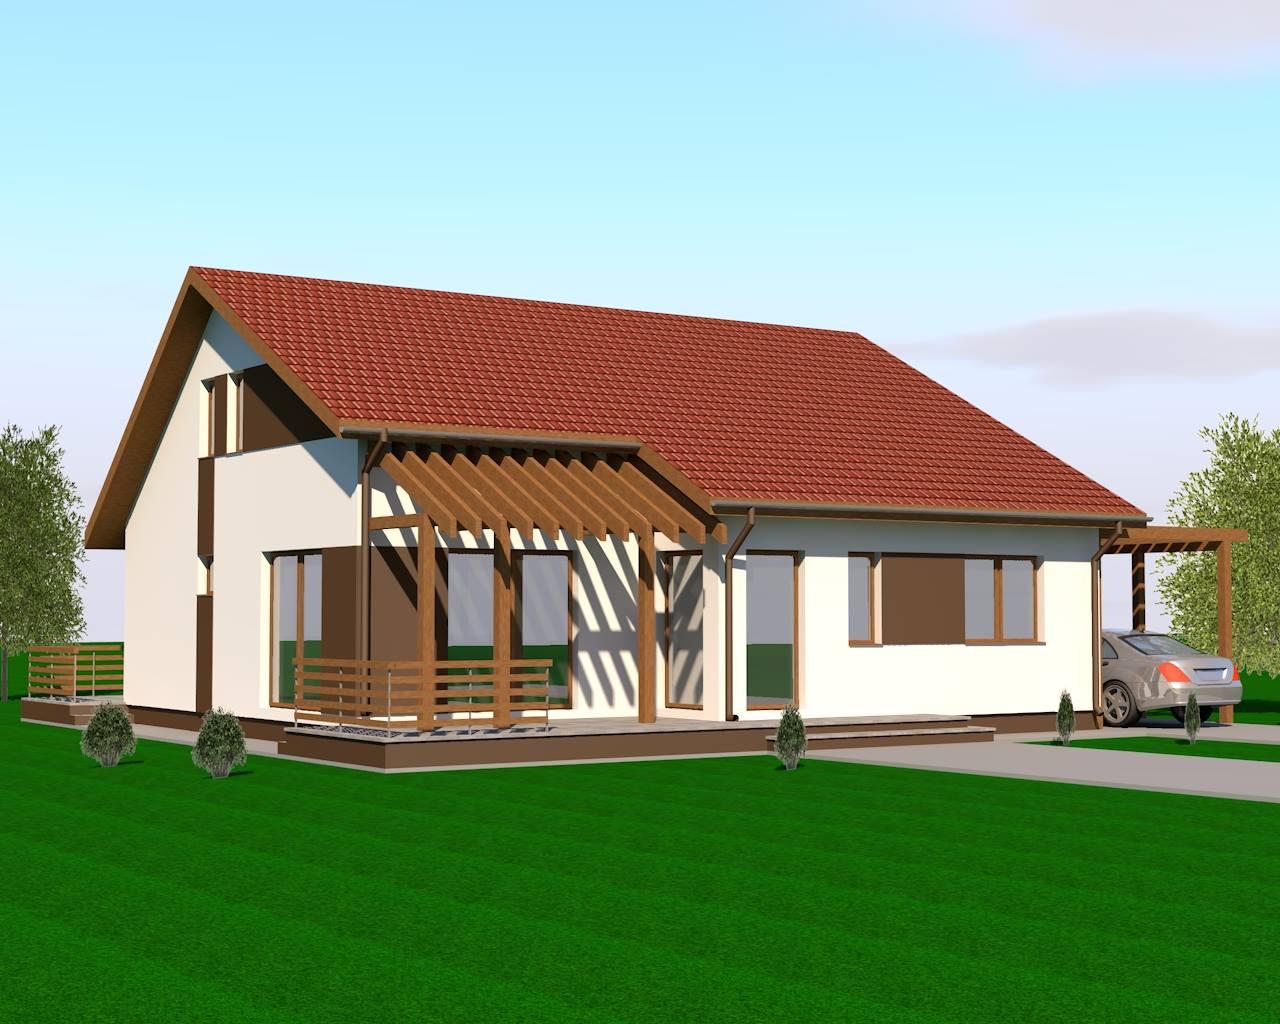 Proiecte case mici casa parter mansardabila for Case parter